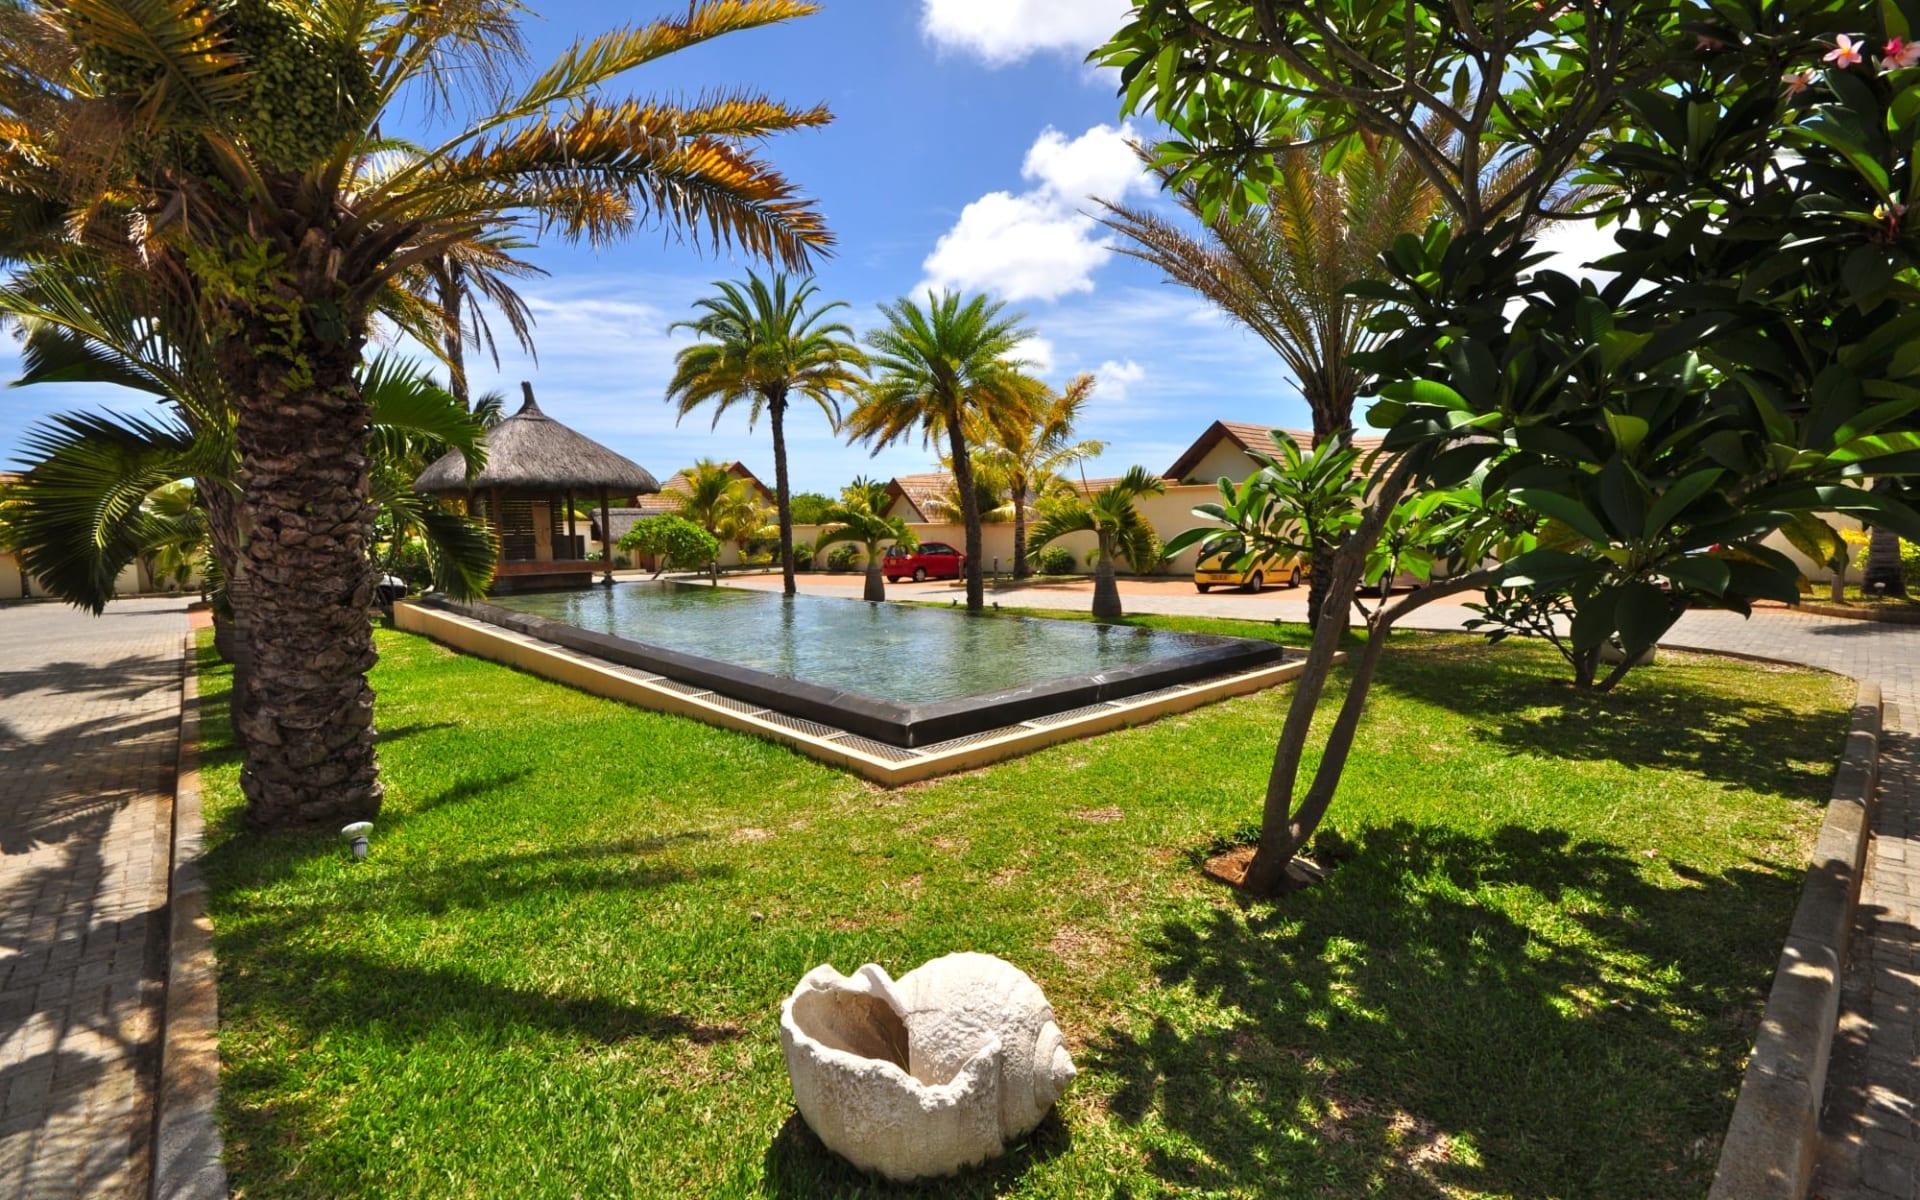 Oasis Villas in Grand Baie: